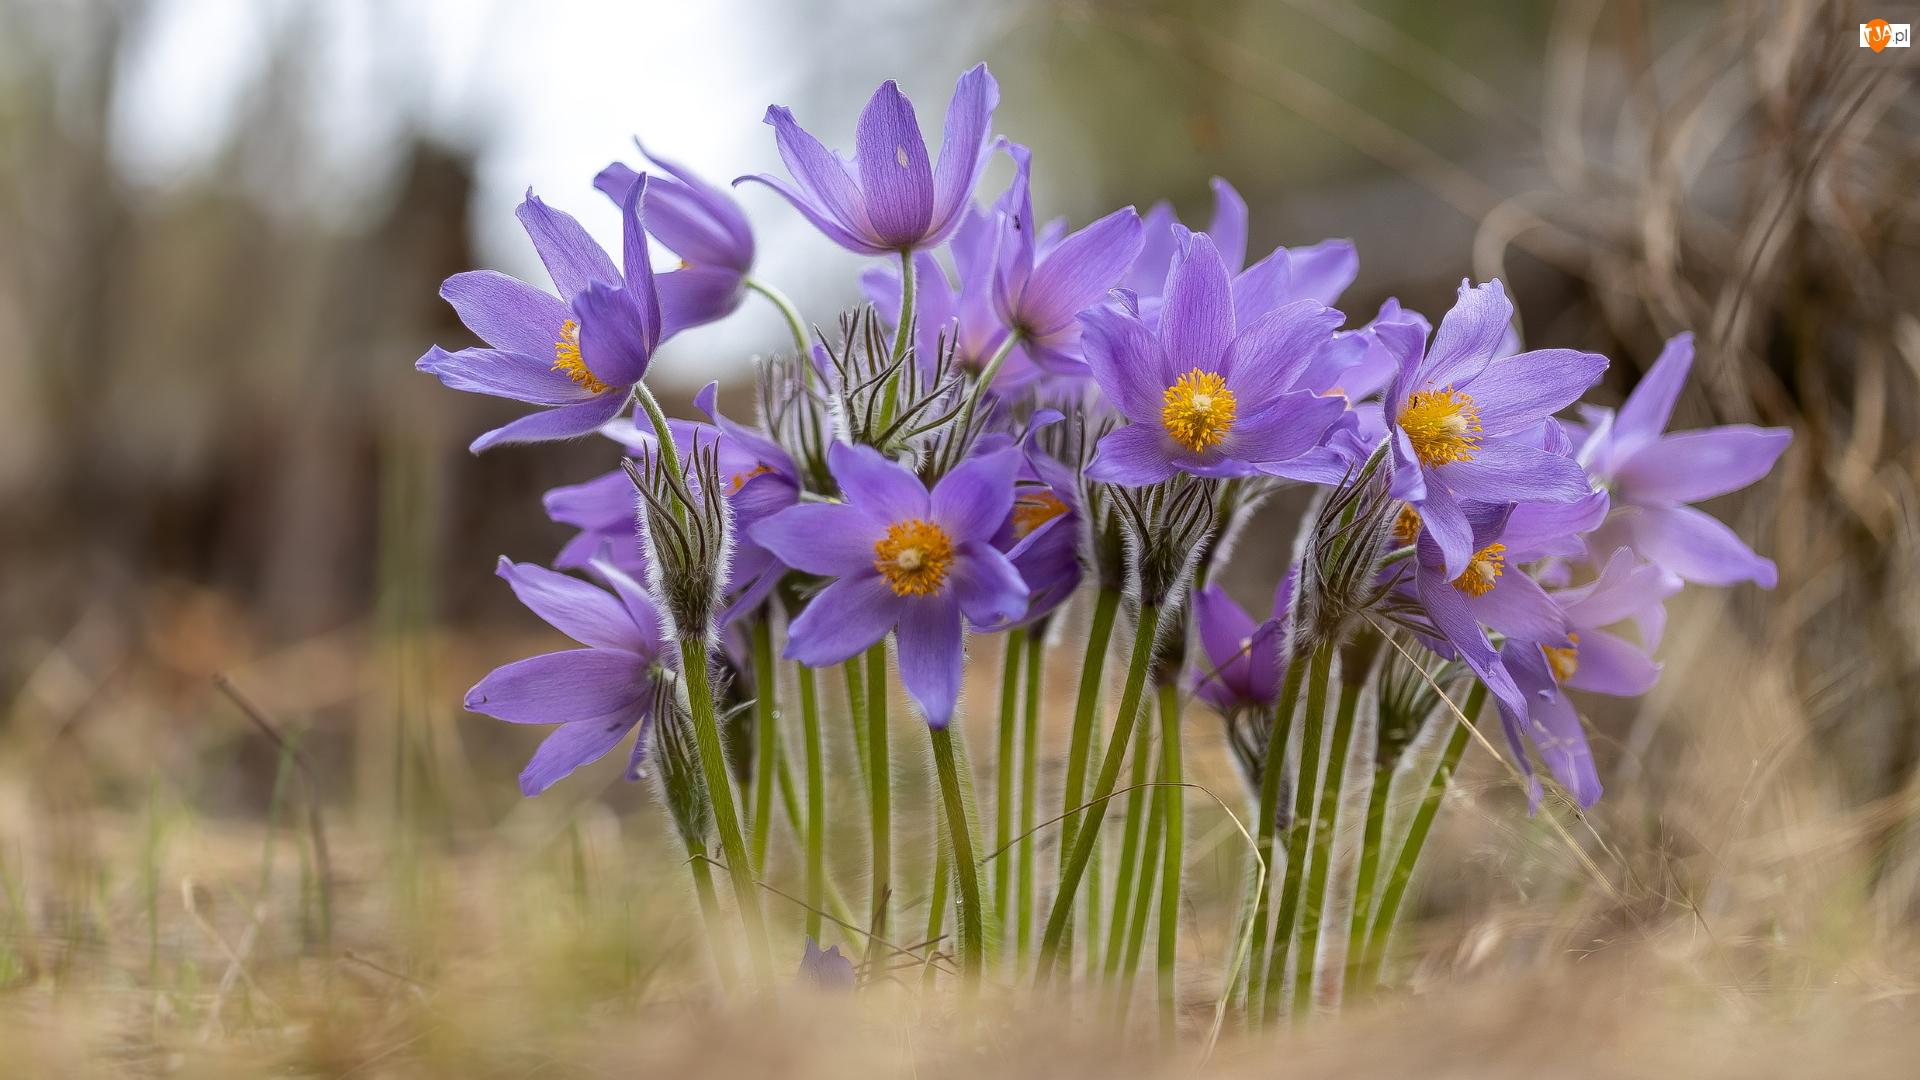 Kępka, Jasnofioletowe, Kwiaty, Sasanki